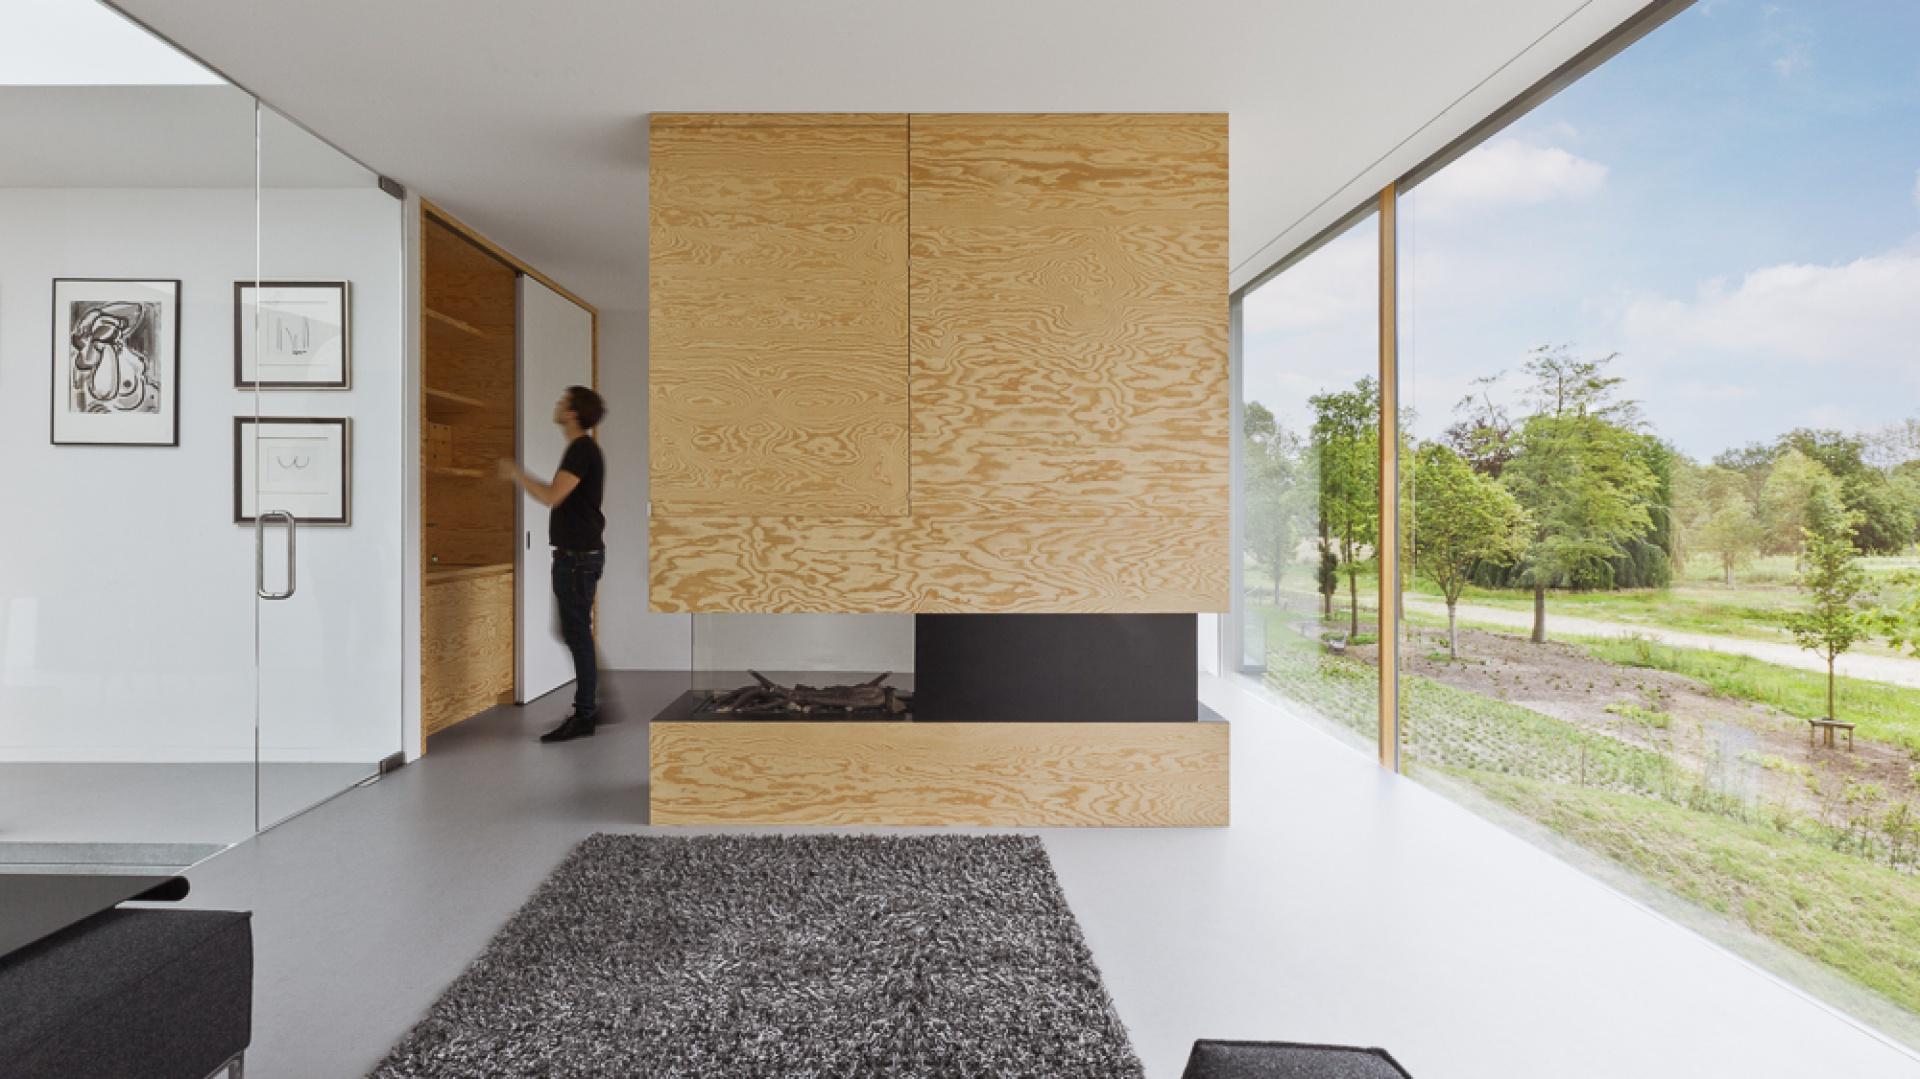 We wnętrzach panuje estetyczny minimalizm. Proste linie i gładkie powierzchnie harmonizują z niewielką ilością dekoracji i szklanymi drzwiami, nadającymi lekki charakter wnętrzu. Przytulniejszym akcentem jest miękki dywan w salonie. Projekt: i29 interior architects. Fot. i29 interior architects.